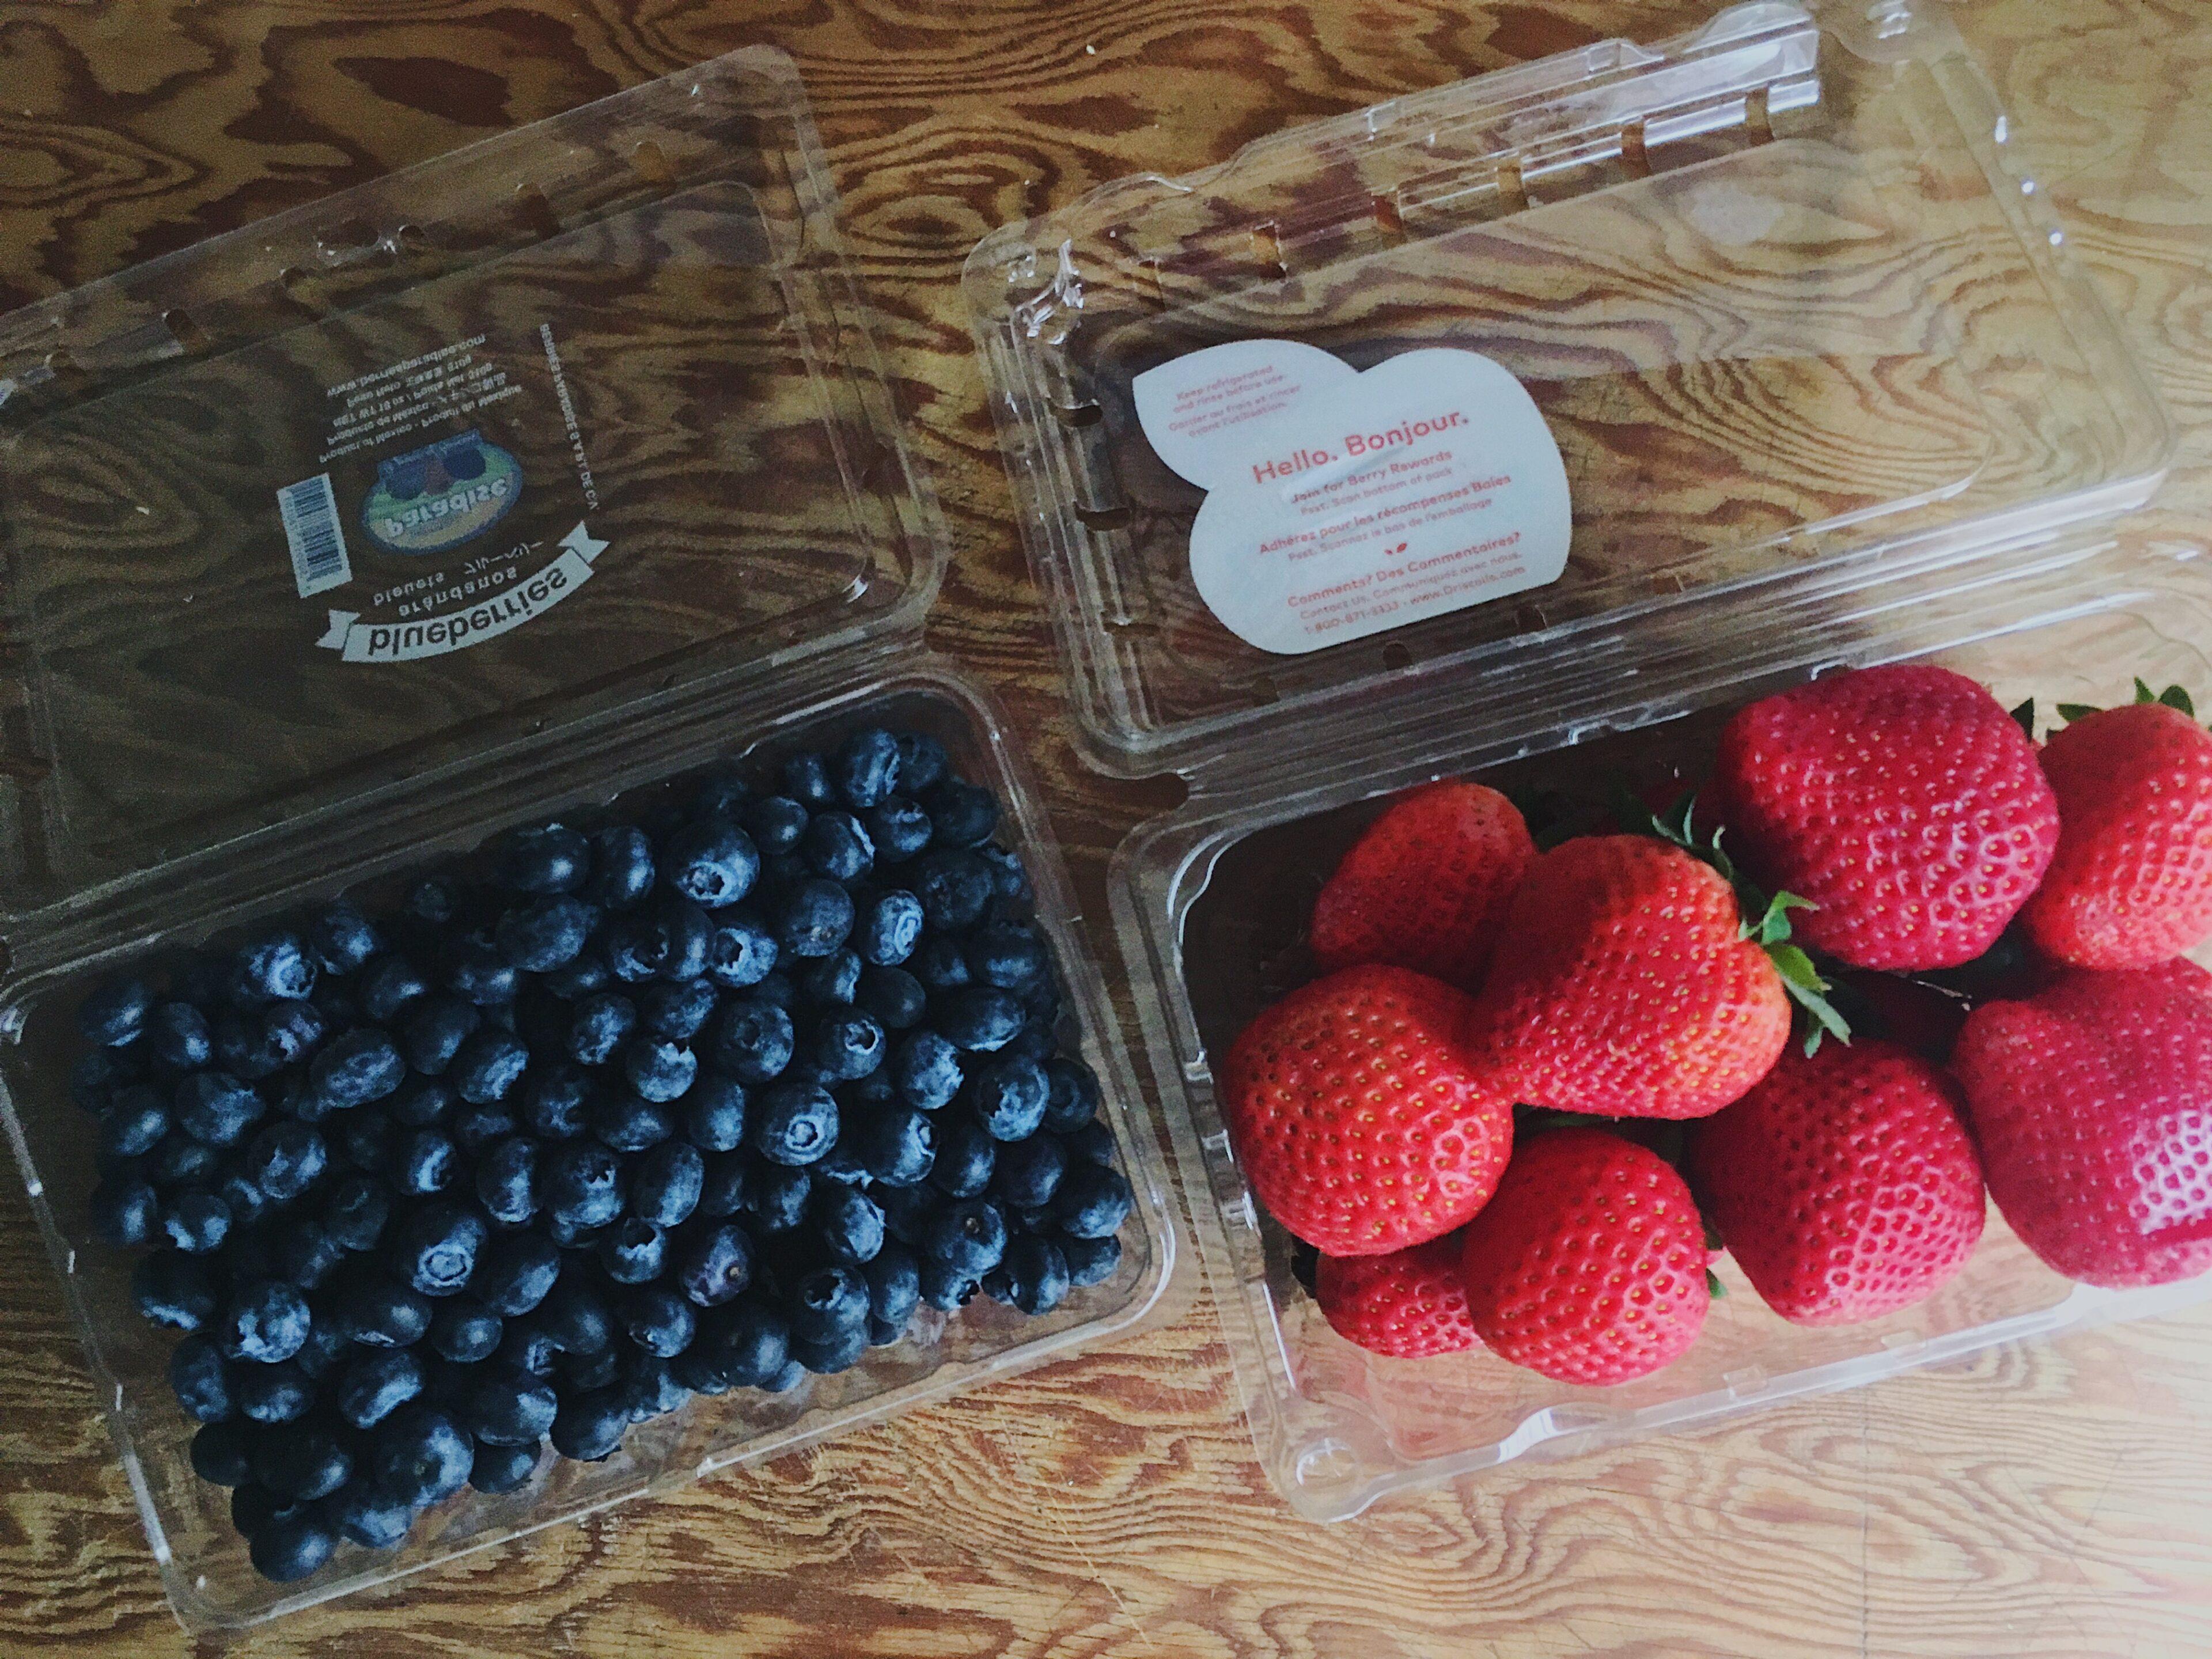 strawberries-blueberries-ingredients